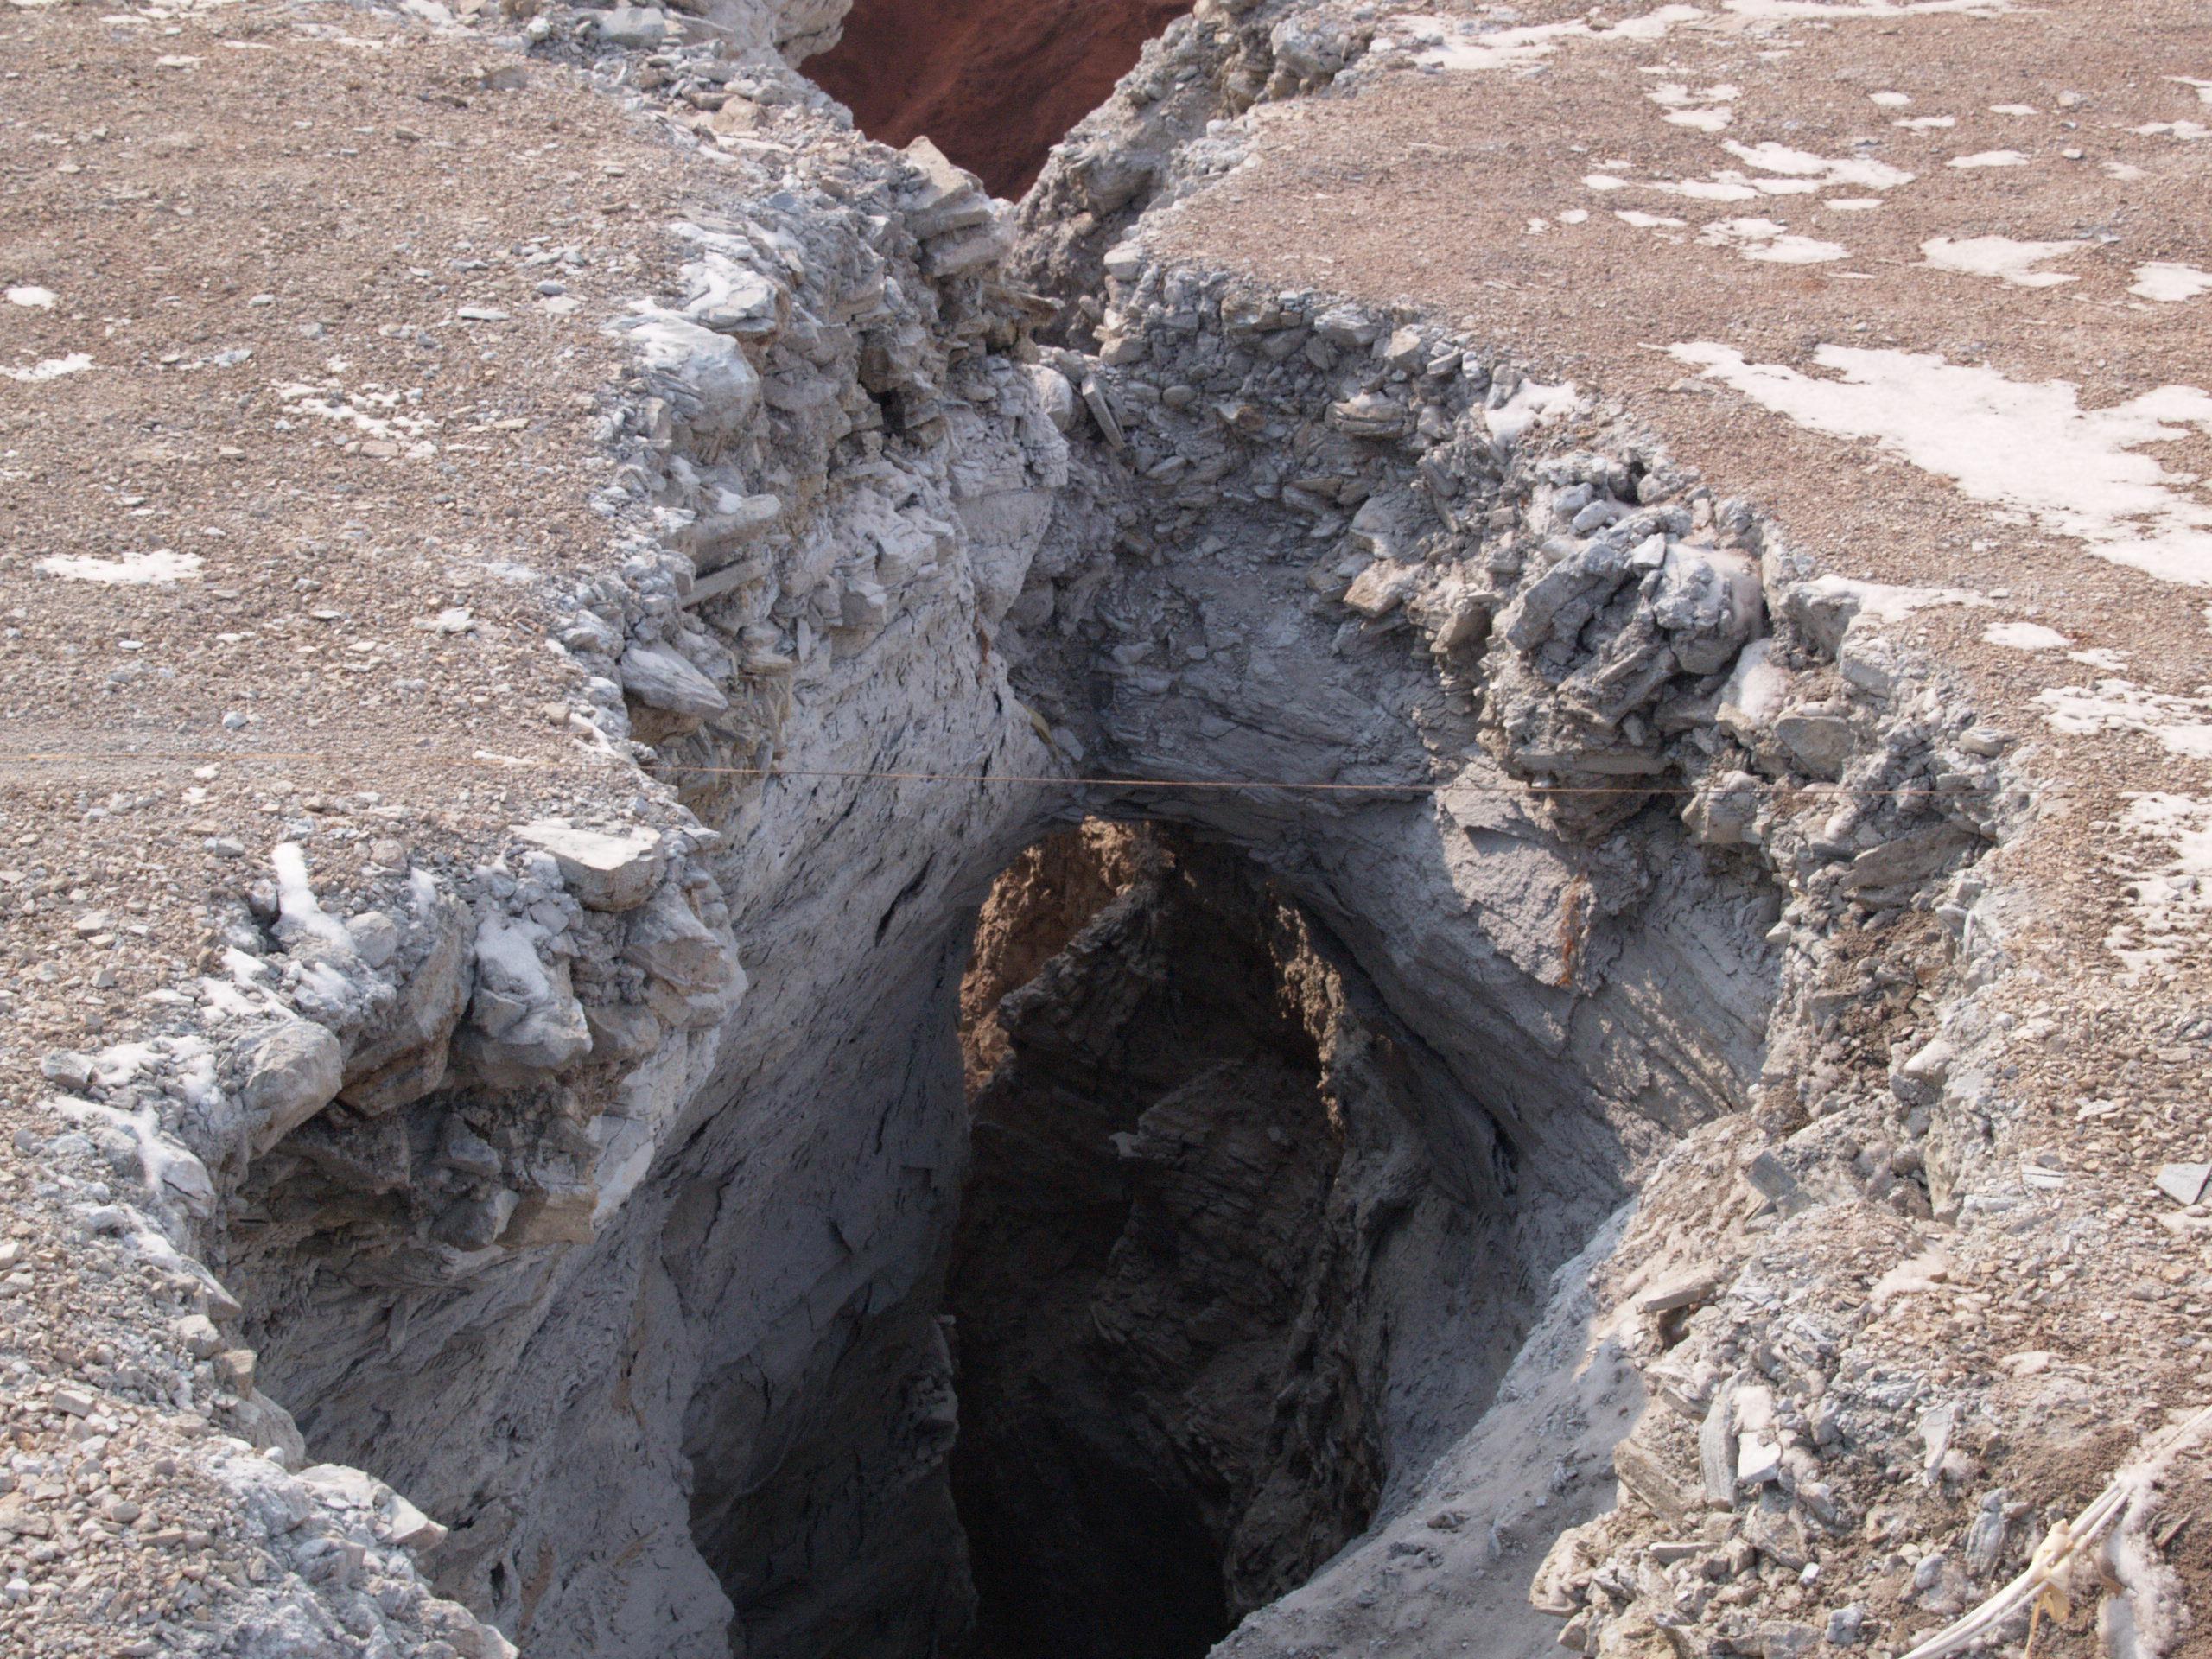 10. ábra A szakadás az északi fal közepén, felülnézetben (Varga R.)